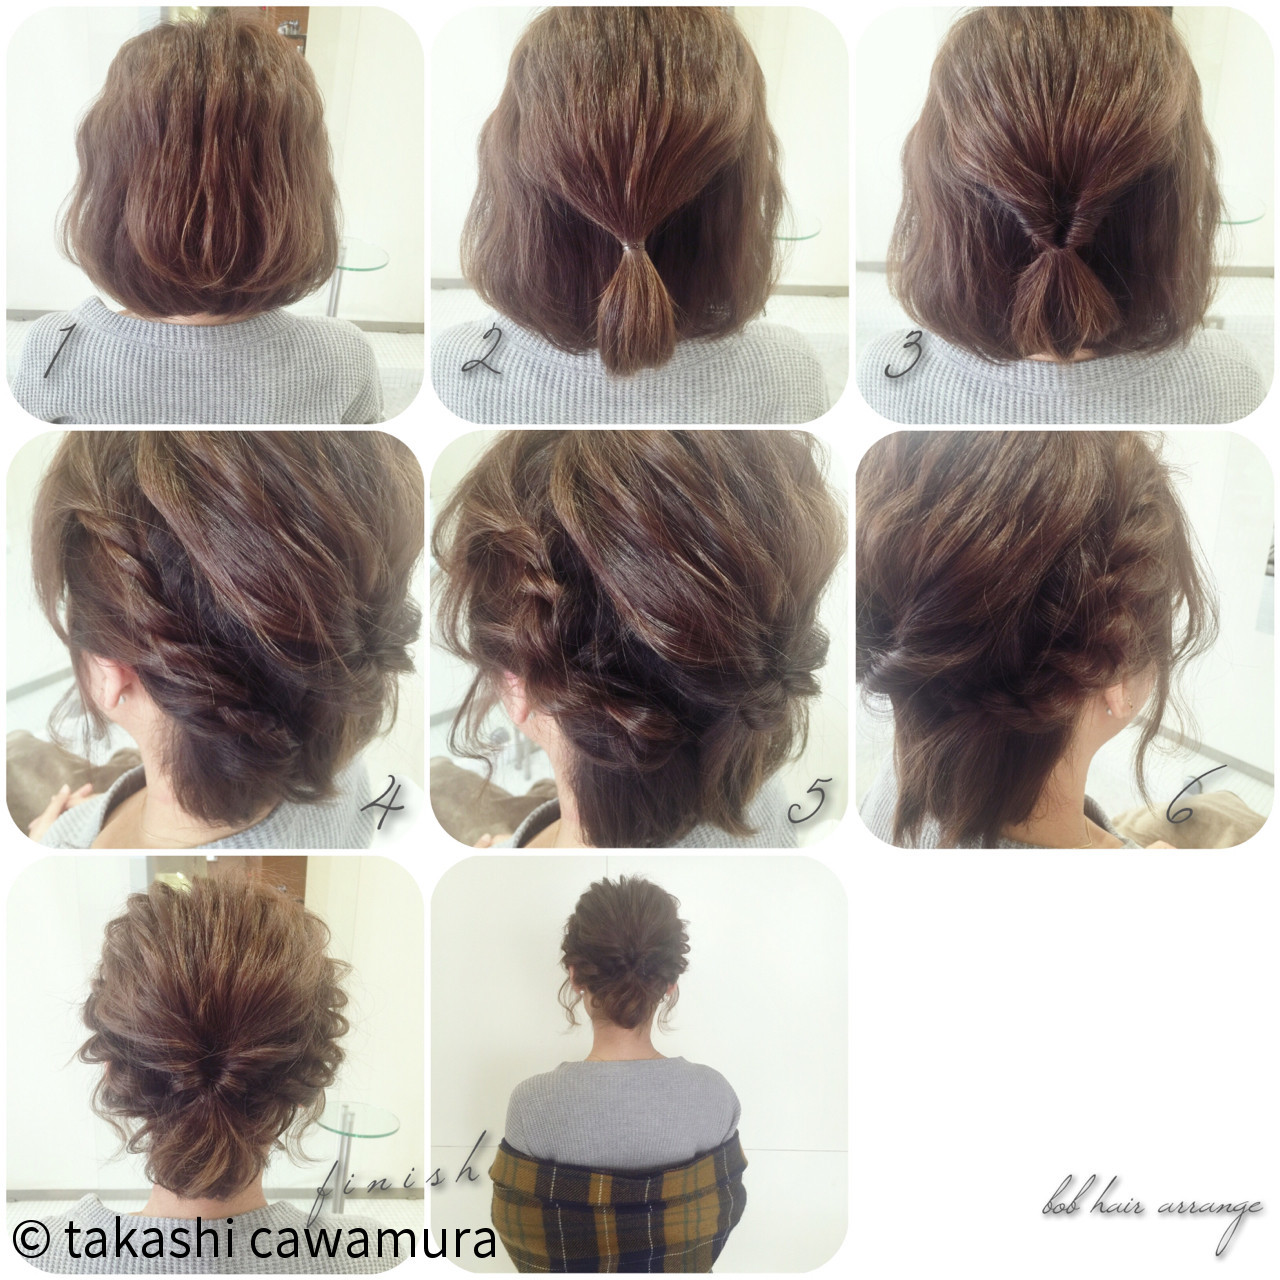 大人かわいいツイストアレンジ♡ takashi cawamura | HAIR & MAKE•UP TAXI